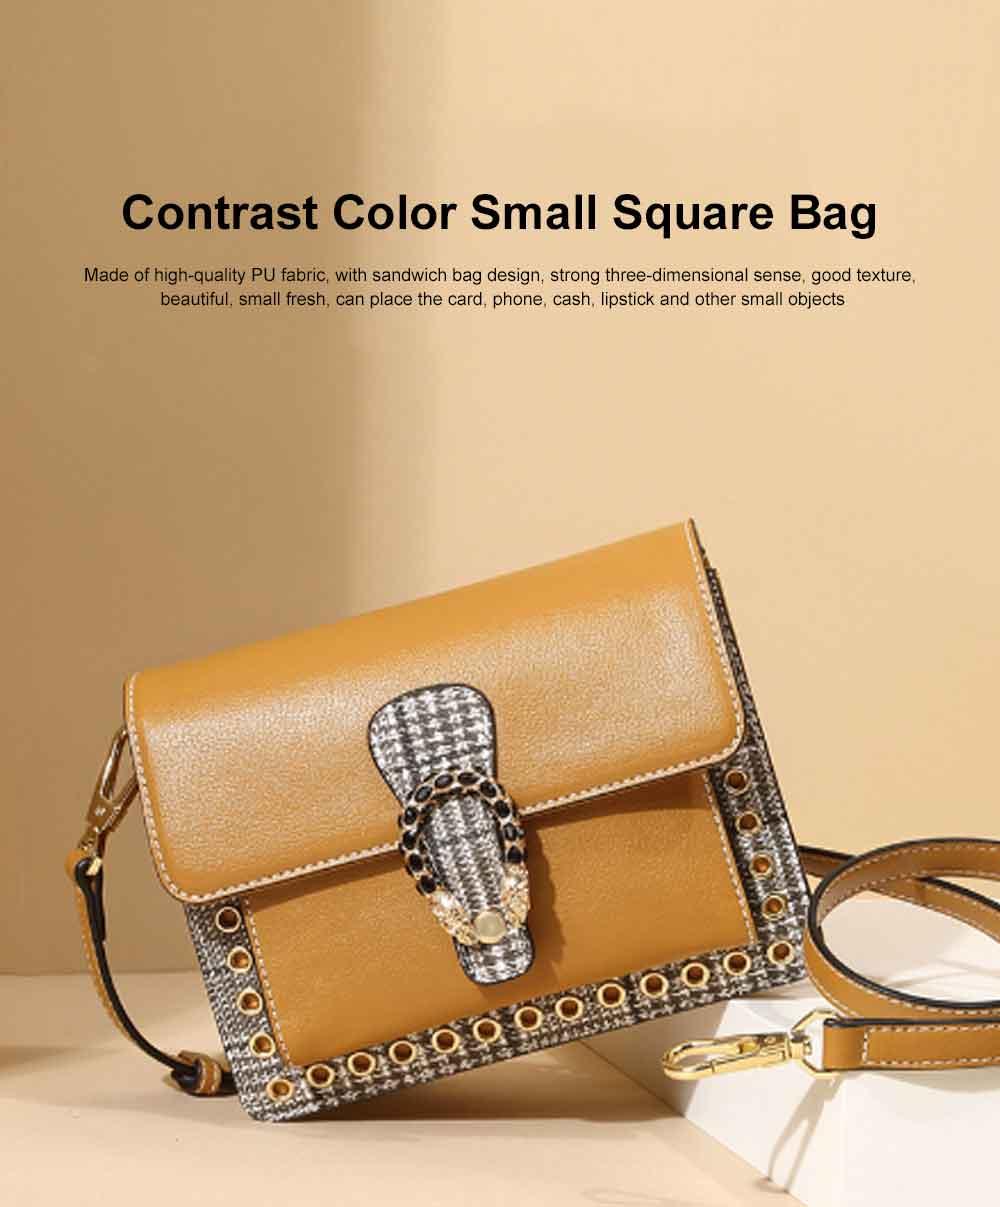 Contrast Color Small Square Bag, Fashion Handbag Shoulder Slung Bag for Female, Summer 2019 0